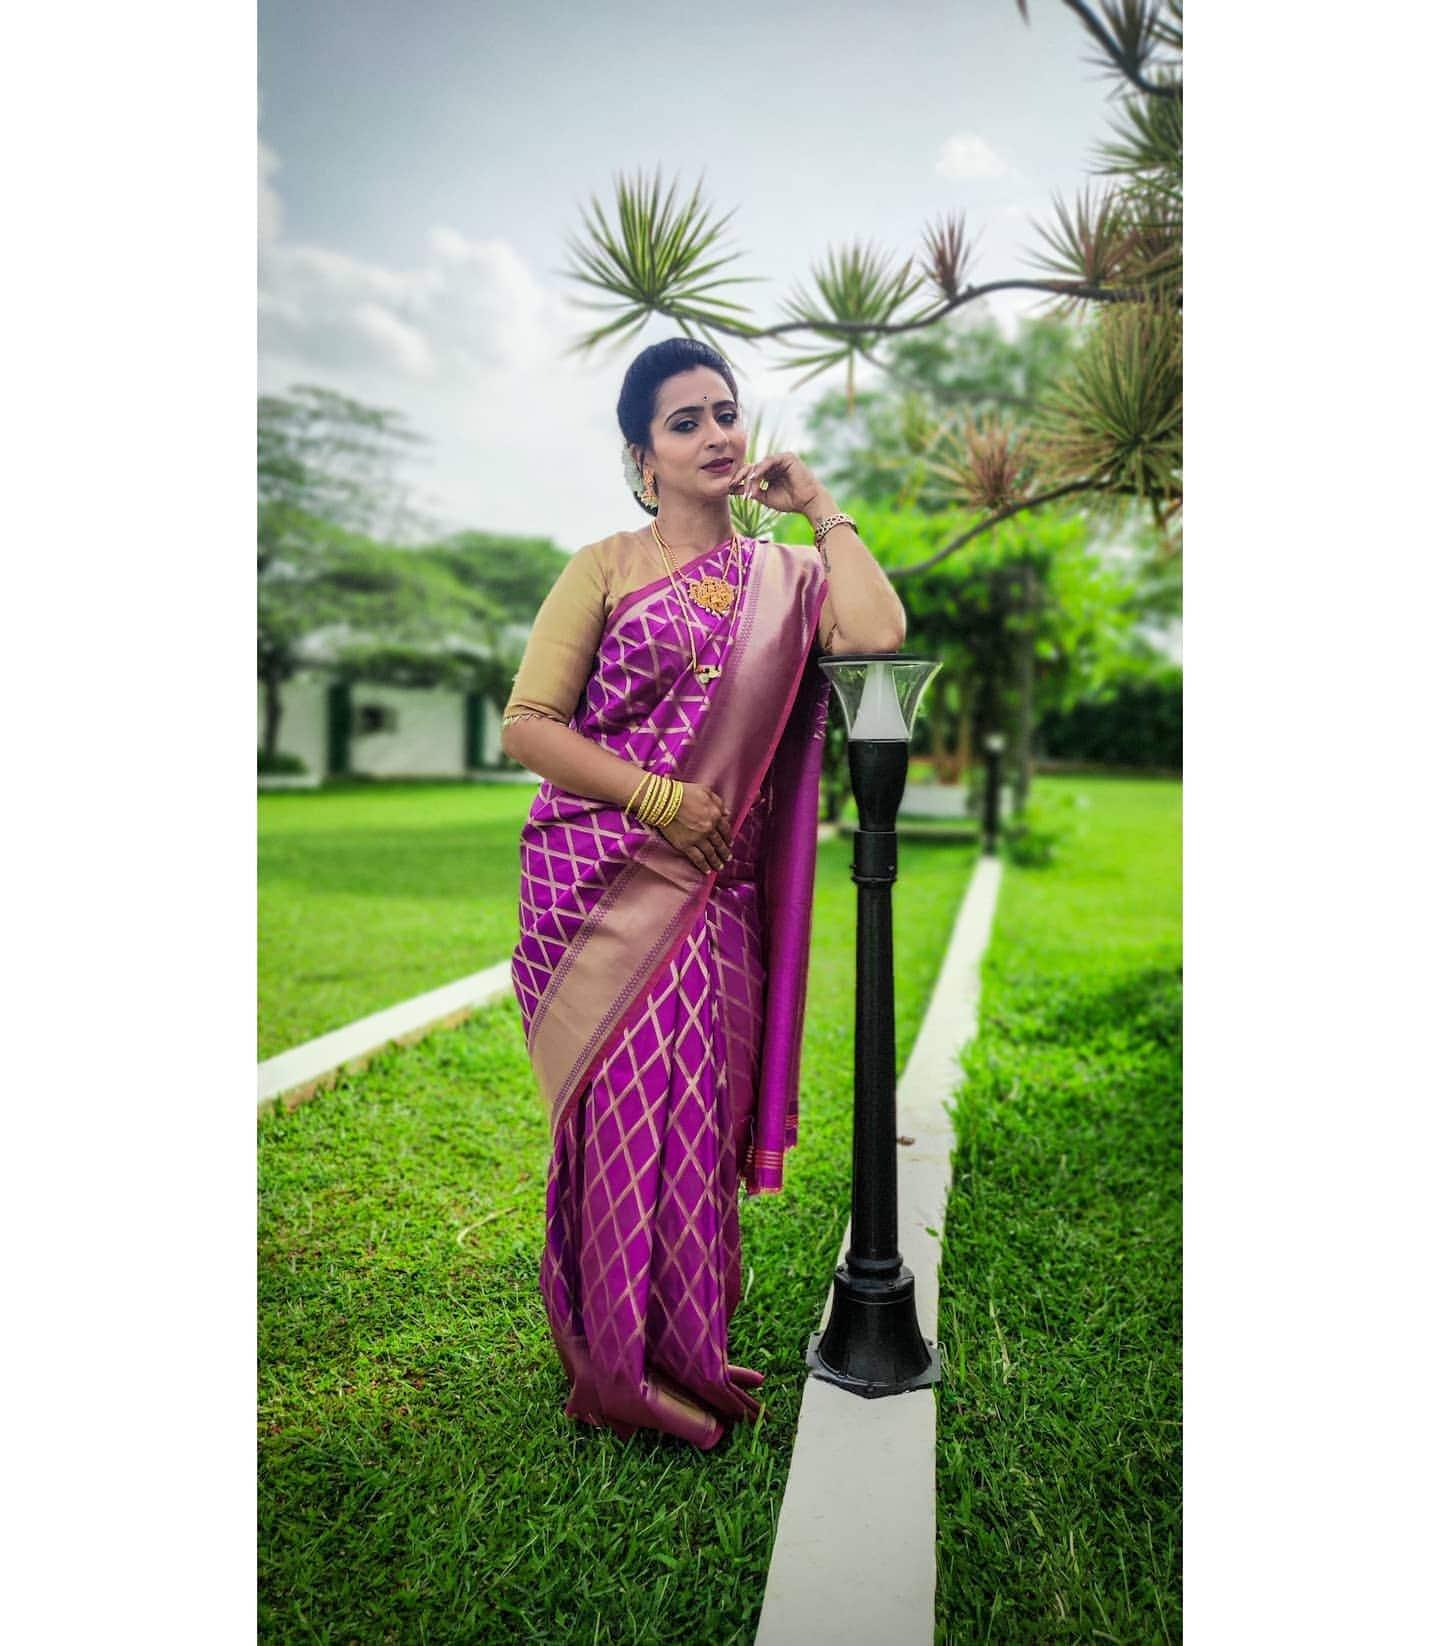 Karthika Deepam : అందాల అత్తమ్మ సౌందర్య (అర్చన అనంత్ ) బ్యూటీఫుల్ పిక్స్.. Photo : Instagram